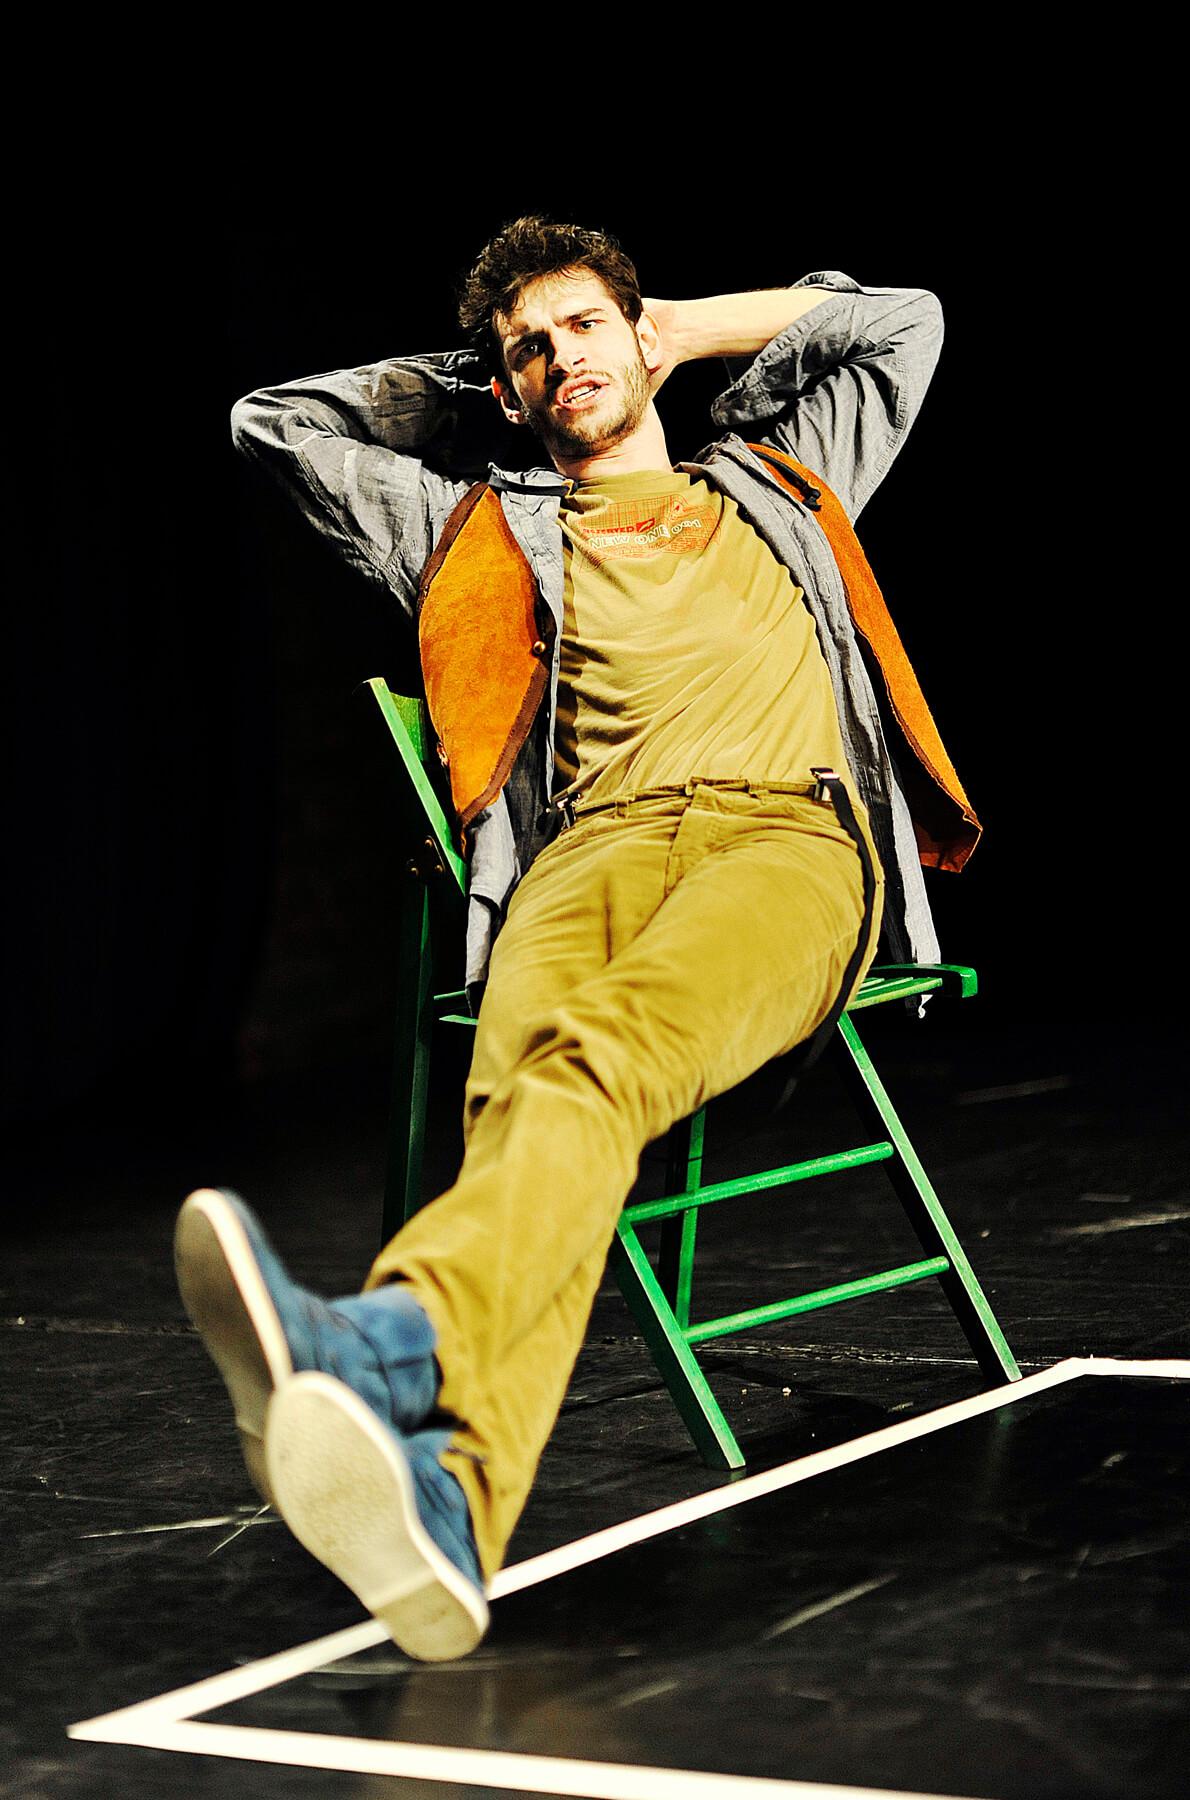 Zdjęcie do spektaklu Ścianananaświat. Aktor siedzi na zielonym krześle, z nogami wyciągnietym przed siebie i z rękami założonymi za głowę. Ubrany w niebieskie buty, zółte sztruksy, szara koszule i pomarańczową kamizelkę.